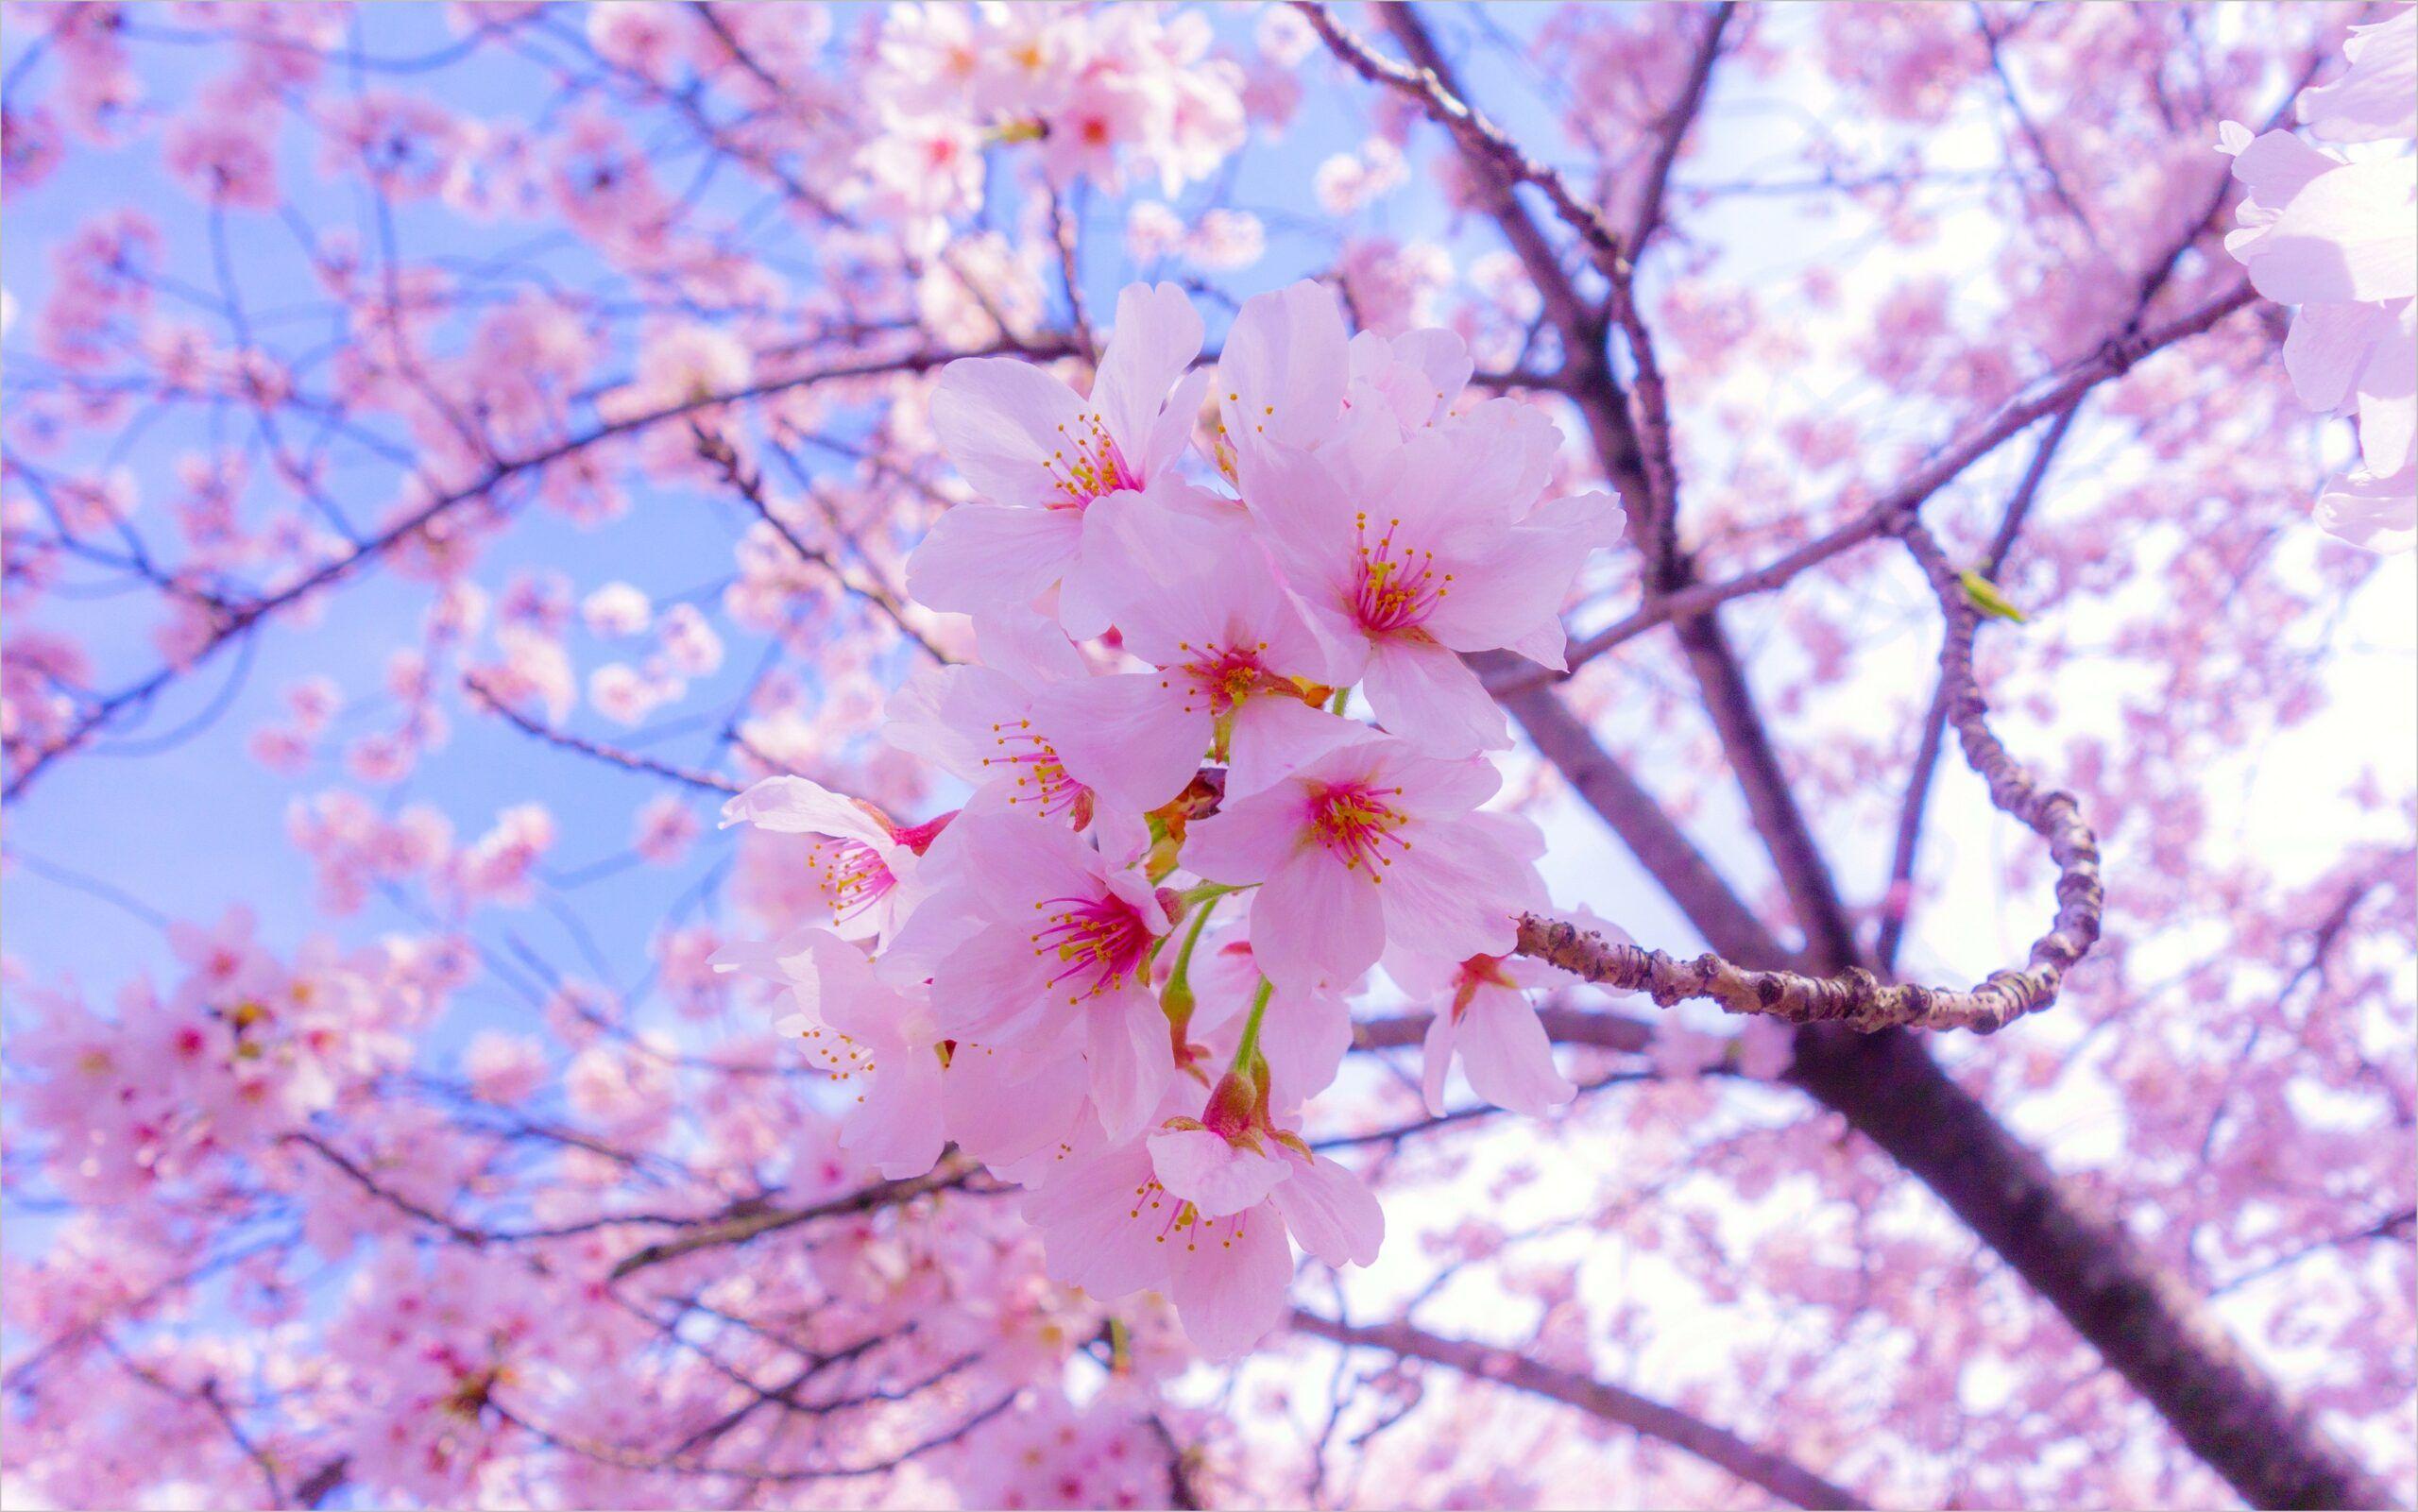 Pink Spring 4k Wallpaper In 2020 Sakura Flower Flower Images Wallpapers Cherry Blossom Wallpaper